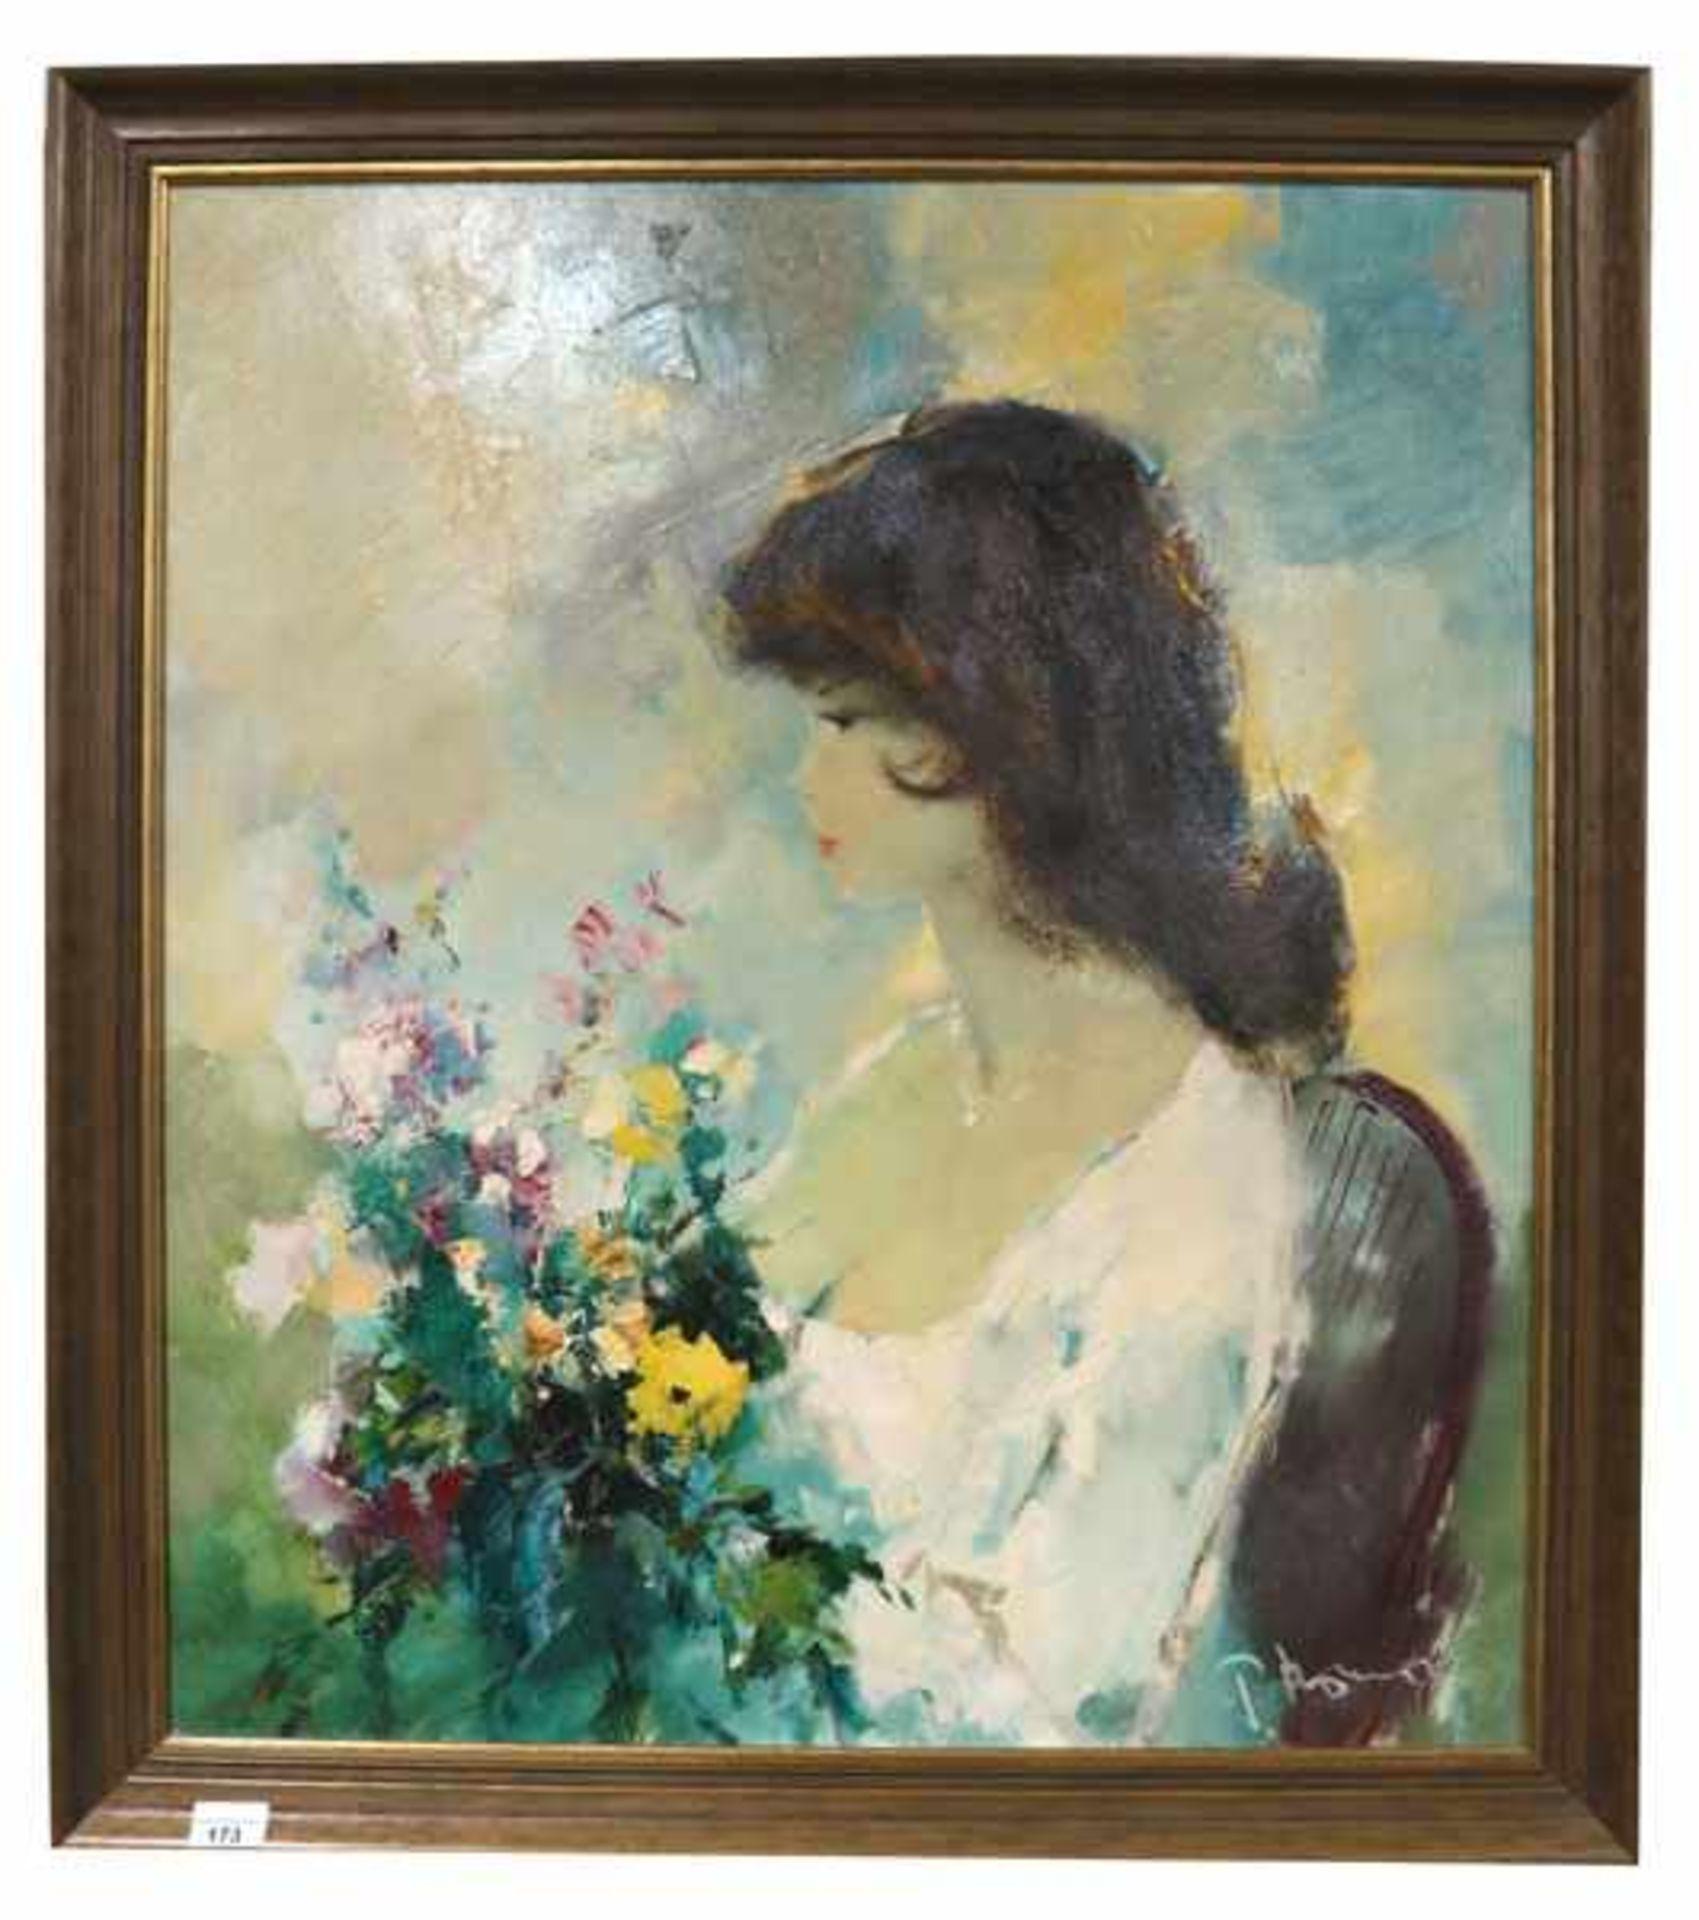 Los 173 - Gemälde ÖL/LW 'Mädchen mit Blumen', signiert P. Morrò, * 1925 Leipzig + 2013, (Ingfried Henze),